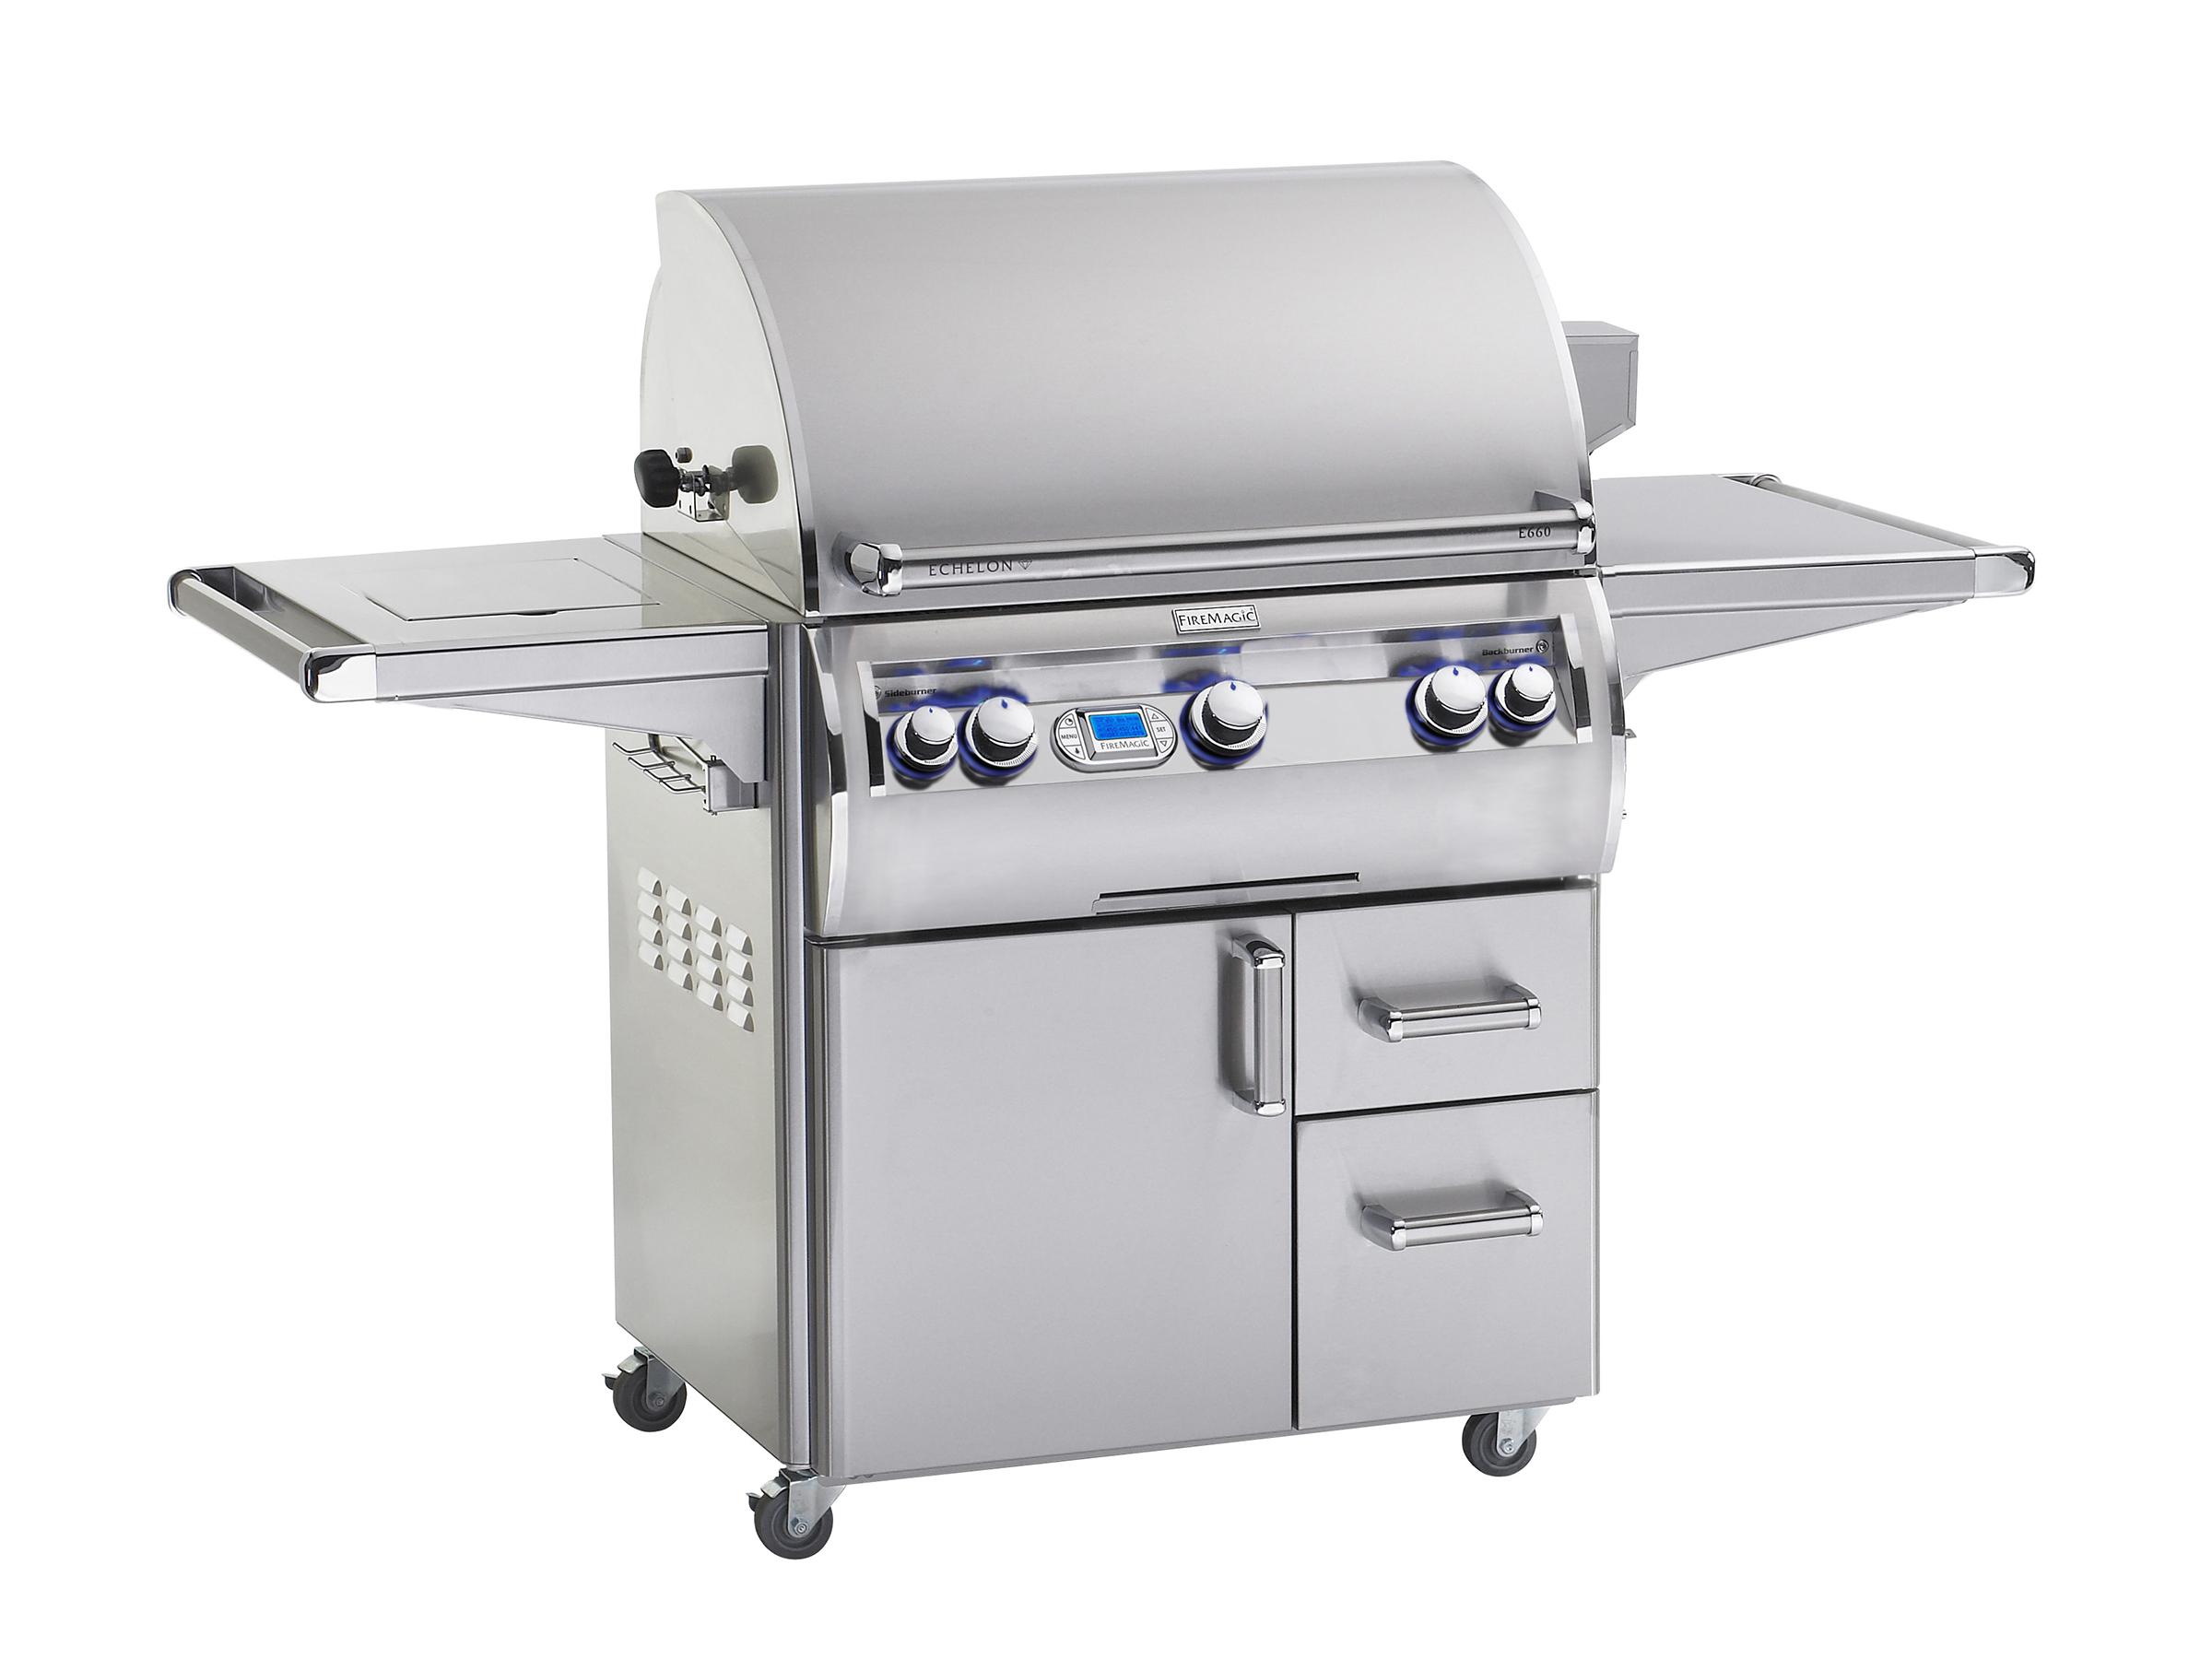 FireMagic Echelon E660 Grill on Cart